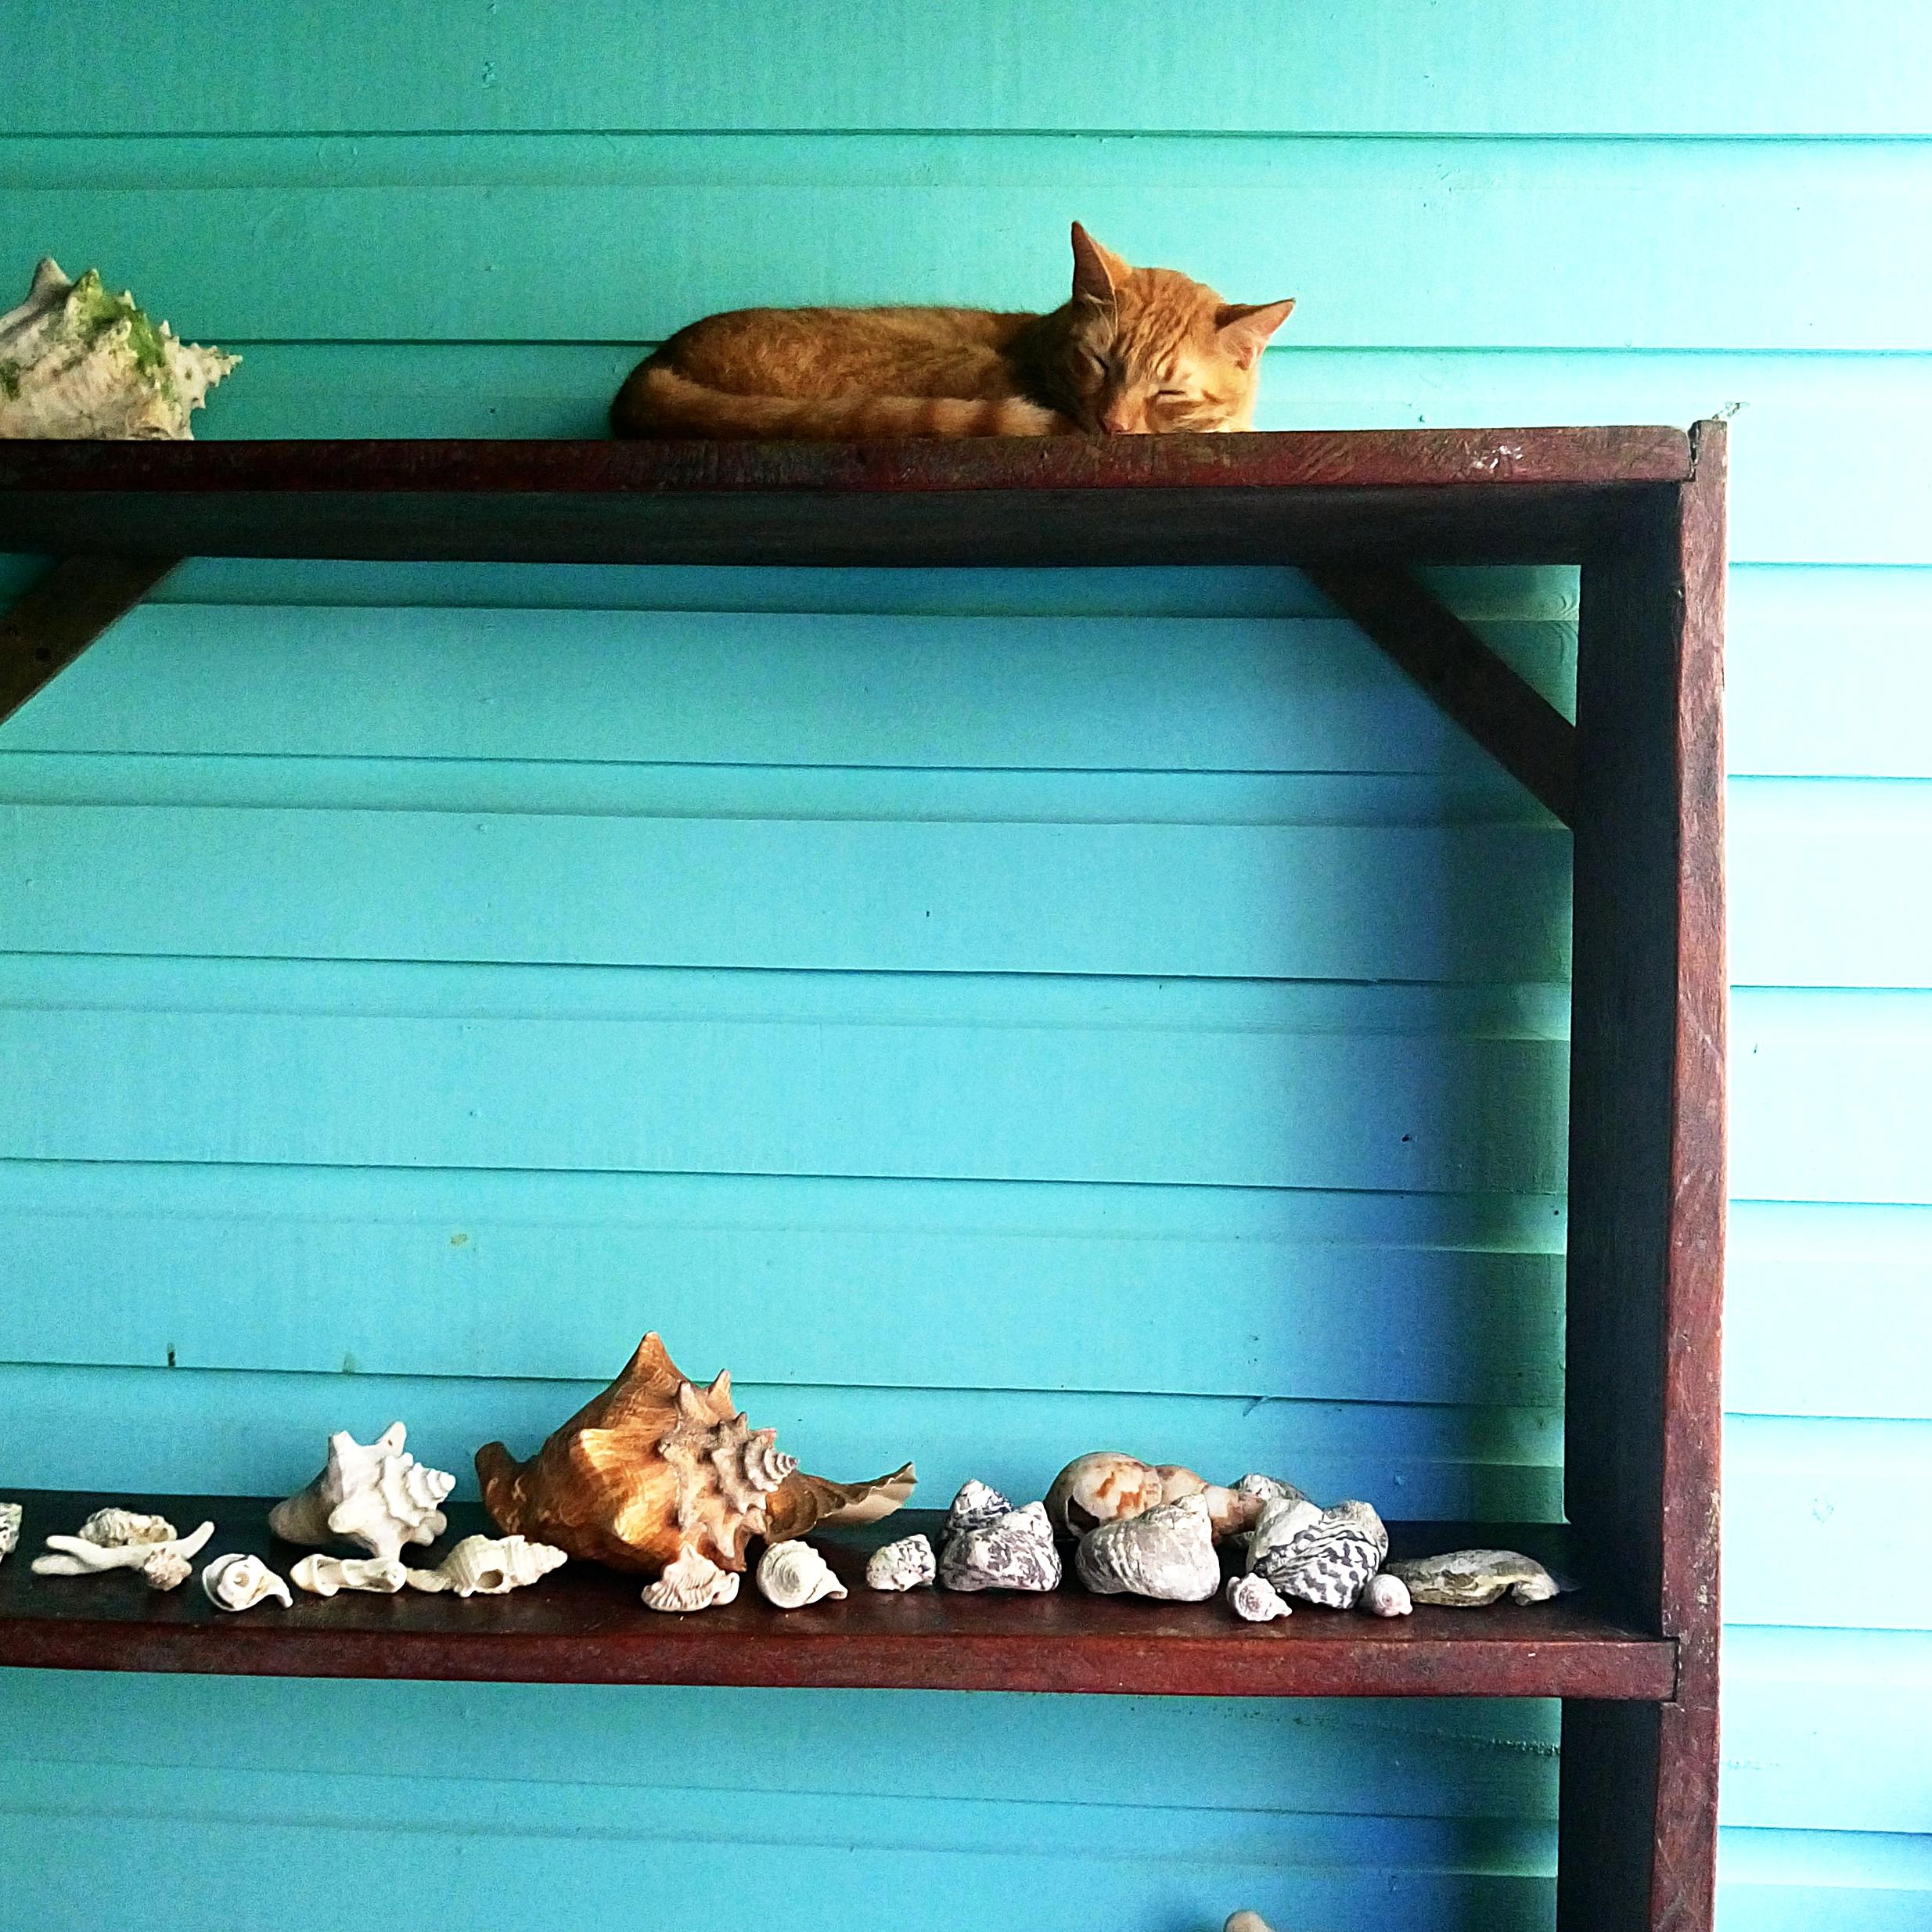 - Coquillages, bois, petit chat et bleu des îles ... Le combo parfait !!! Take me back ..!